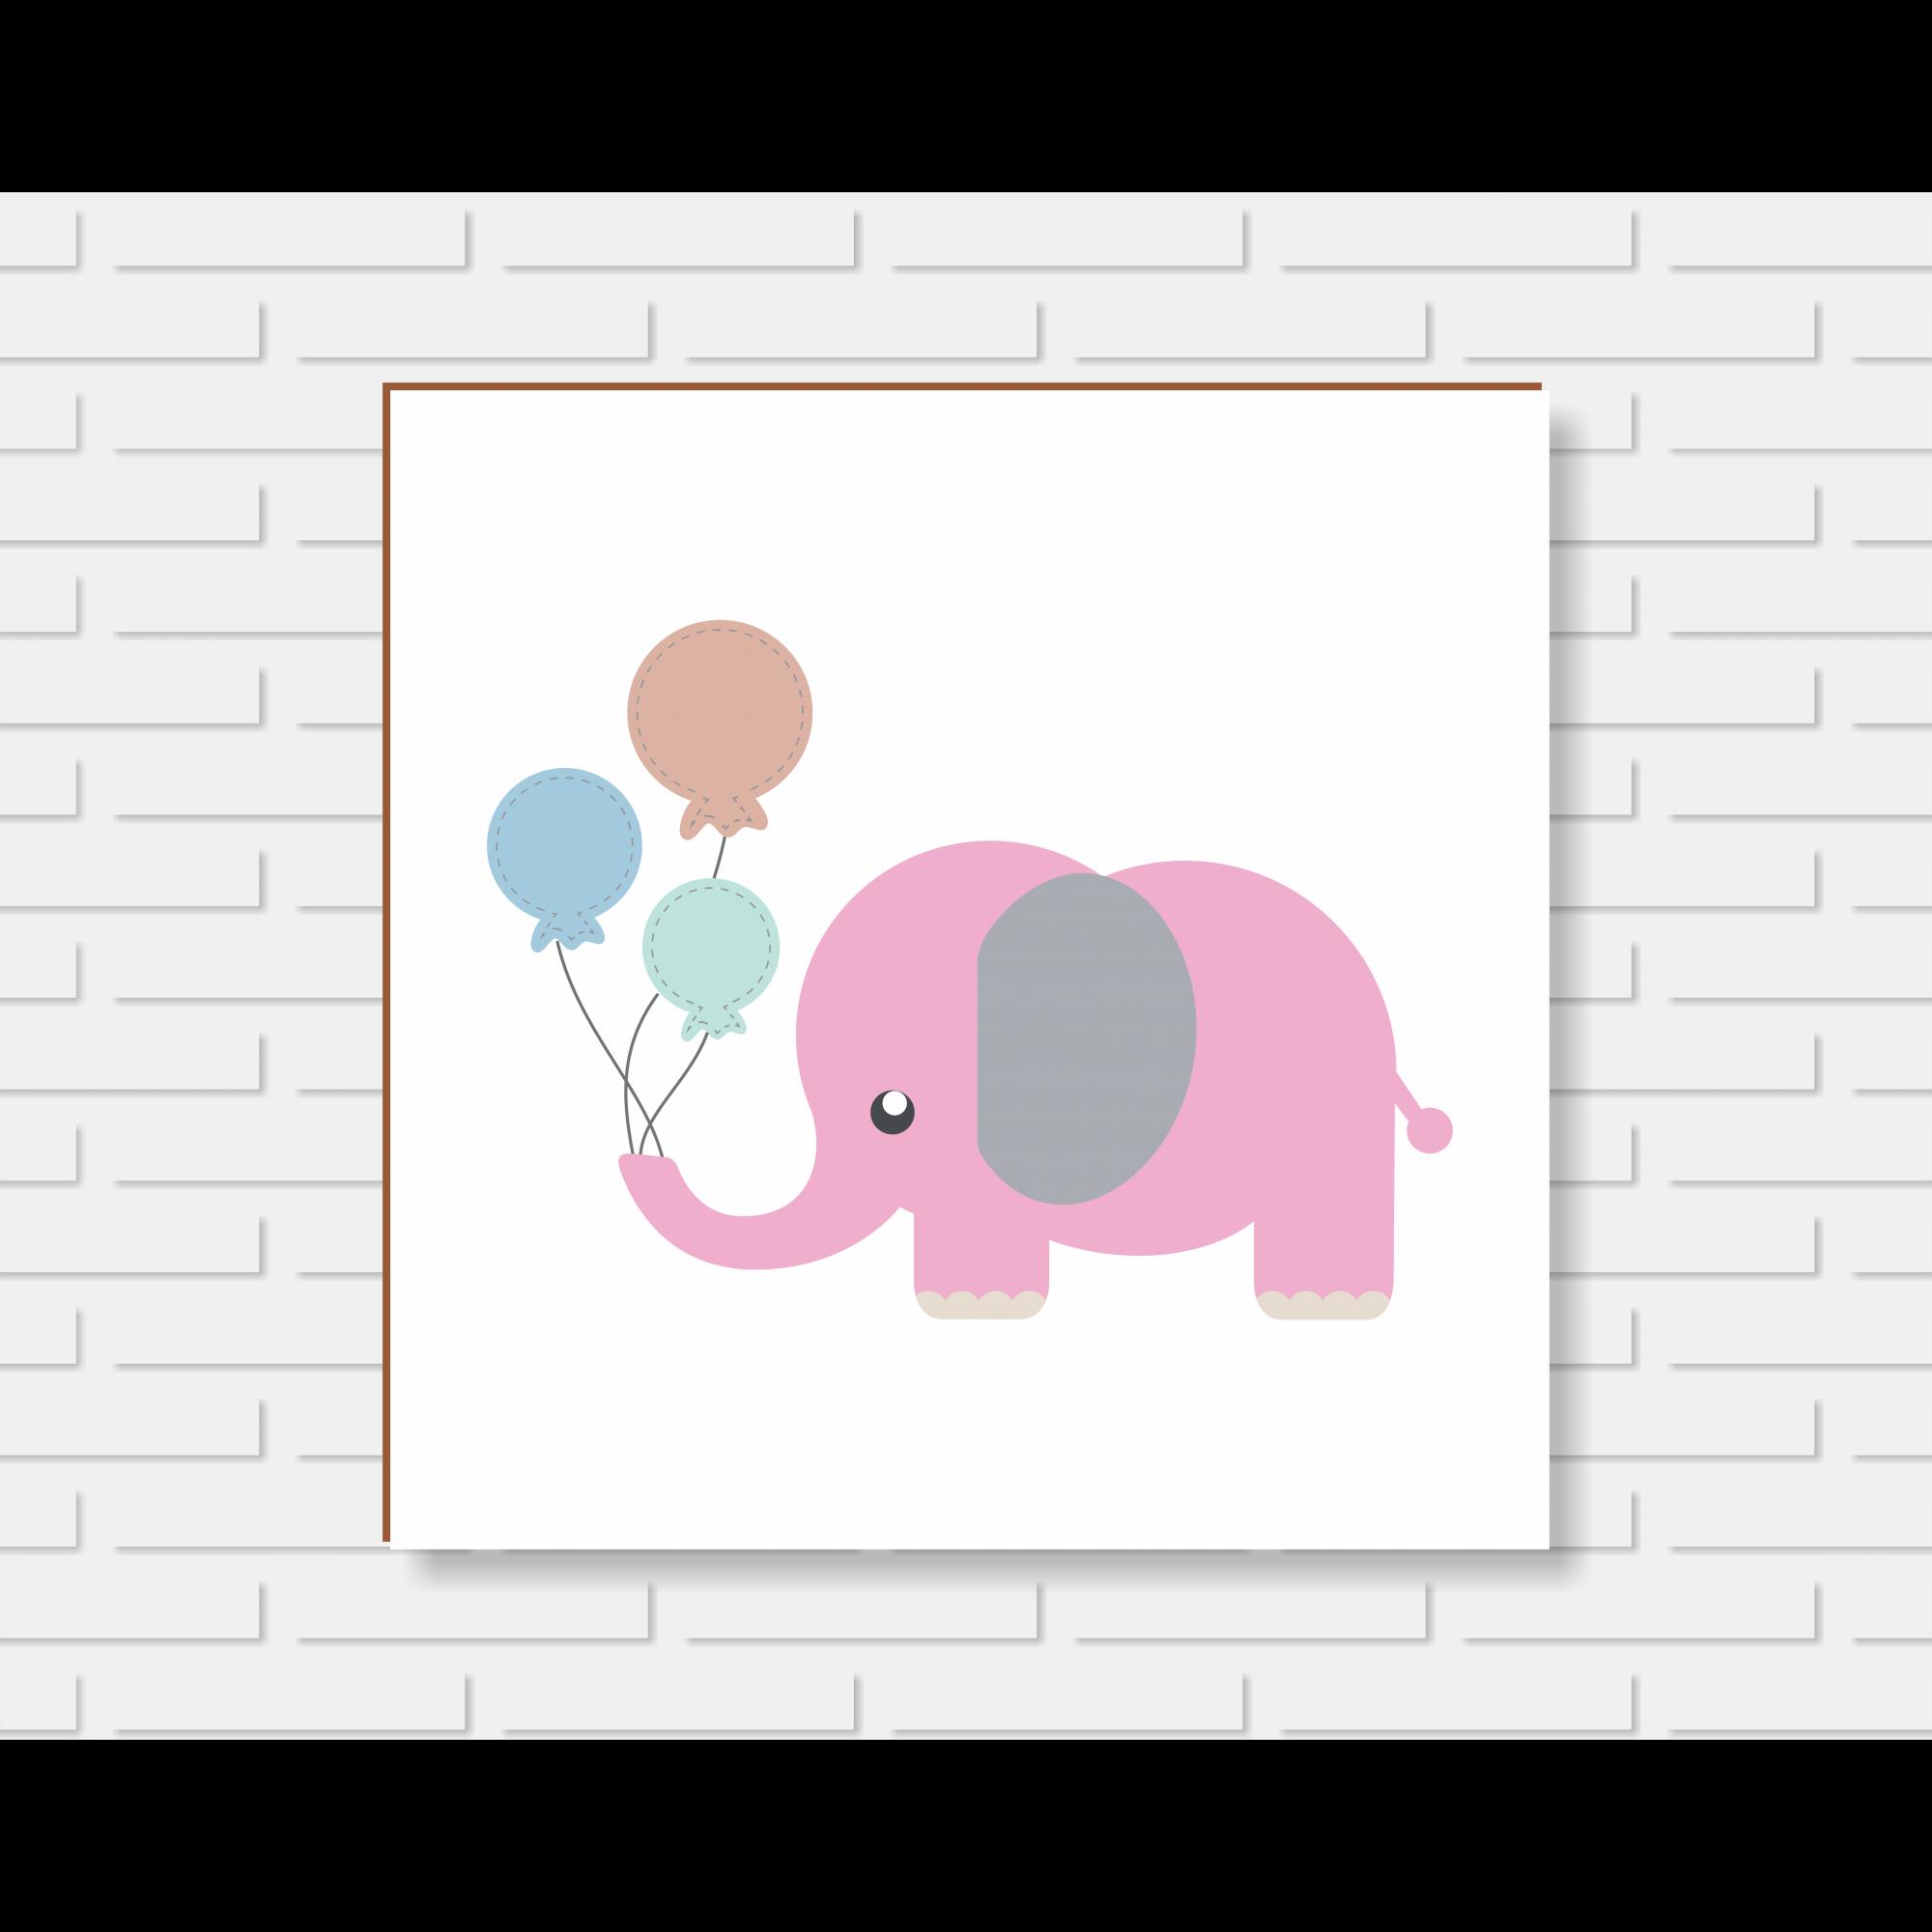 Quadro Decorativo - Quarto de Menina Elefantinho Rosa - 20x20 ou 30x30cm